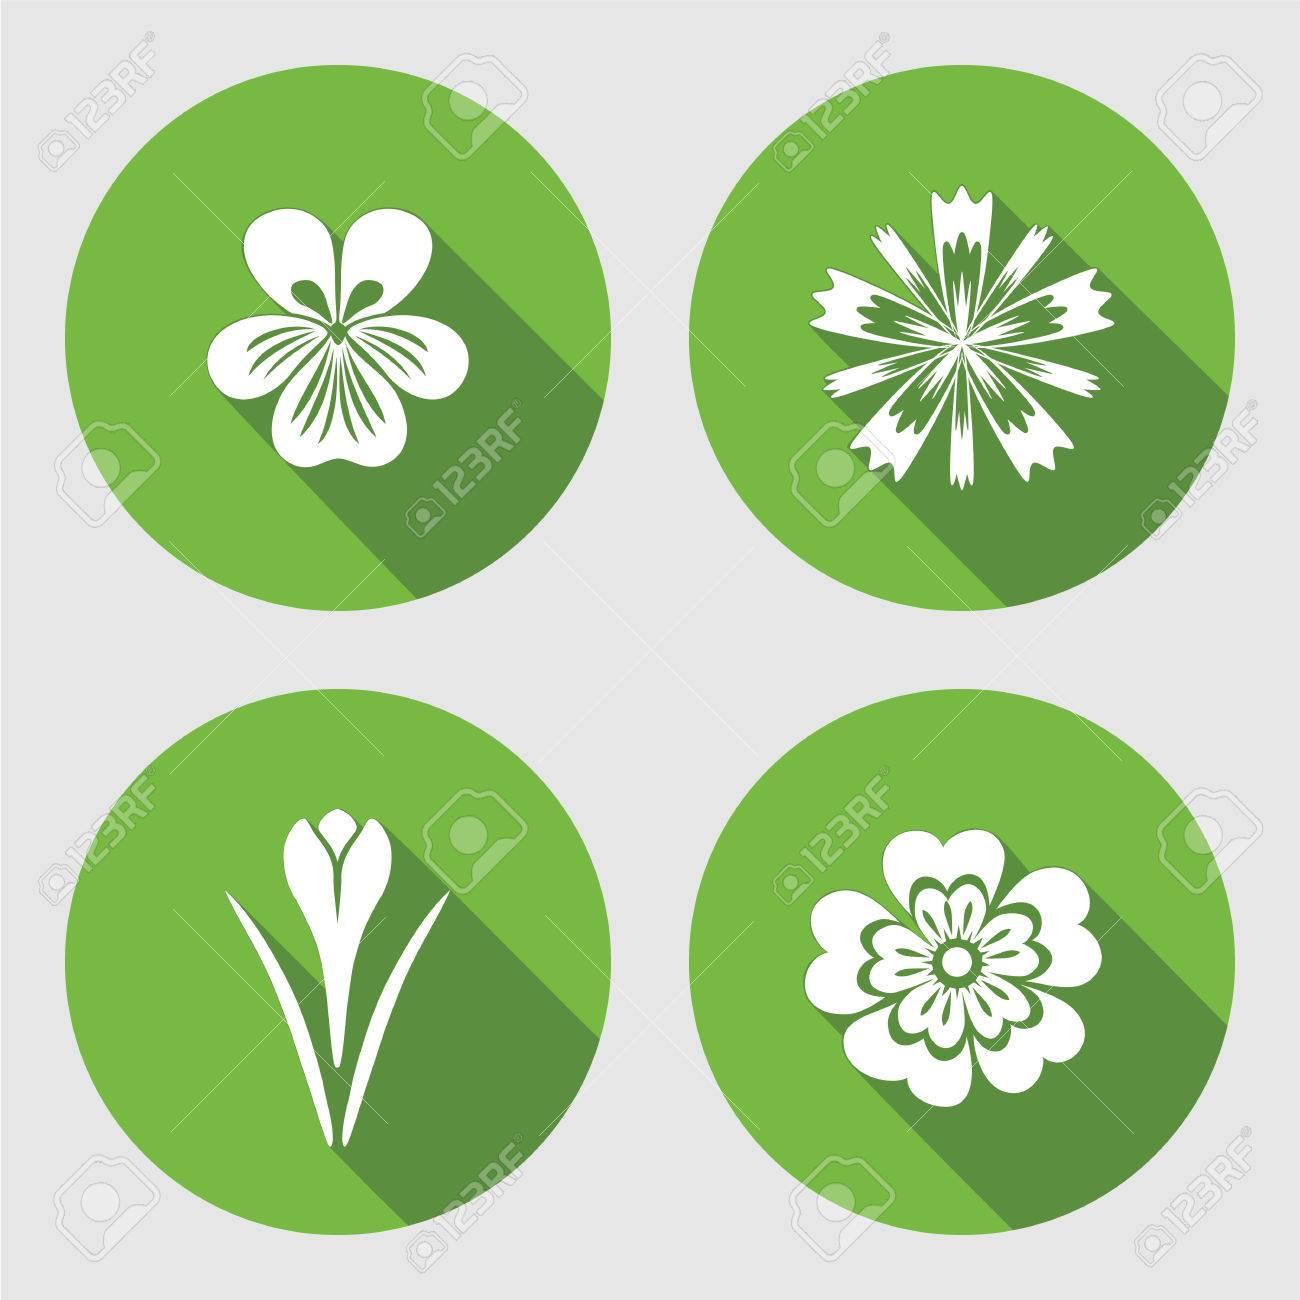 Blumen Gesetzt. Primula, Viola, Blaumohn, Crocus, Safran ...